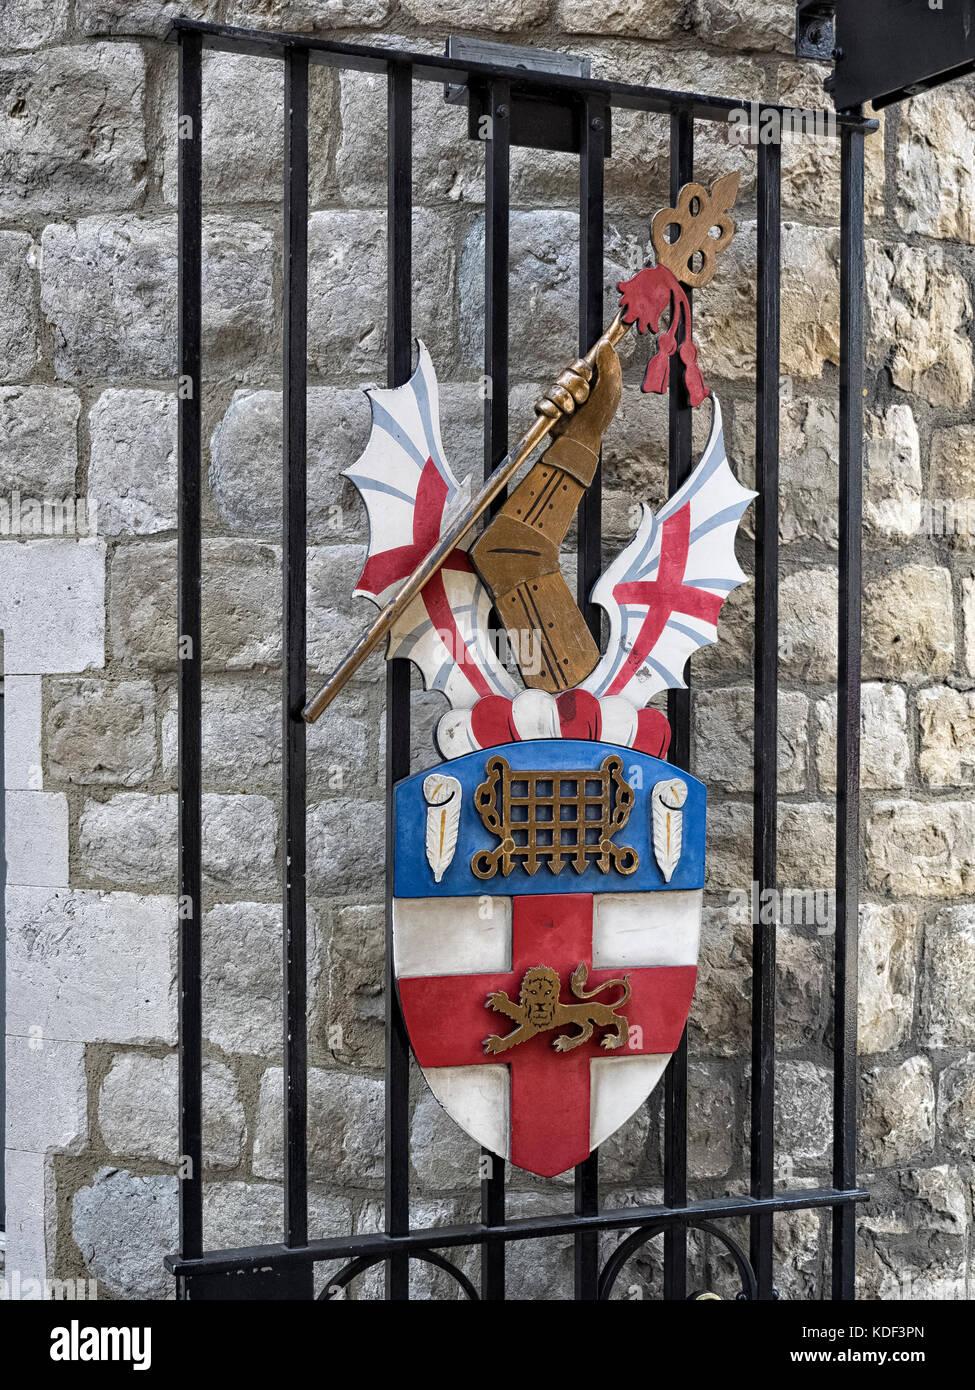 HONORABLE Compañía de artillería: Escudo de armas en los portones de Armería Casa en City Road, Imagen De Stock